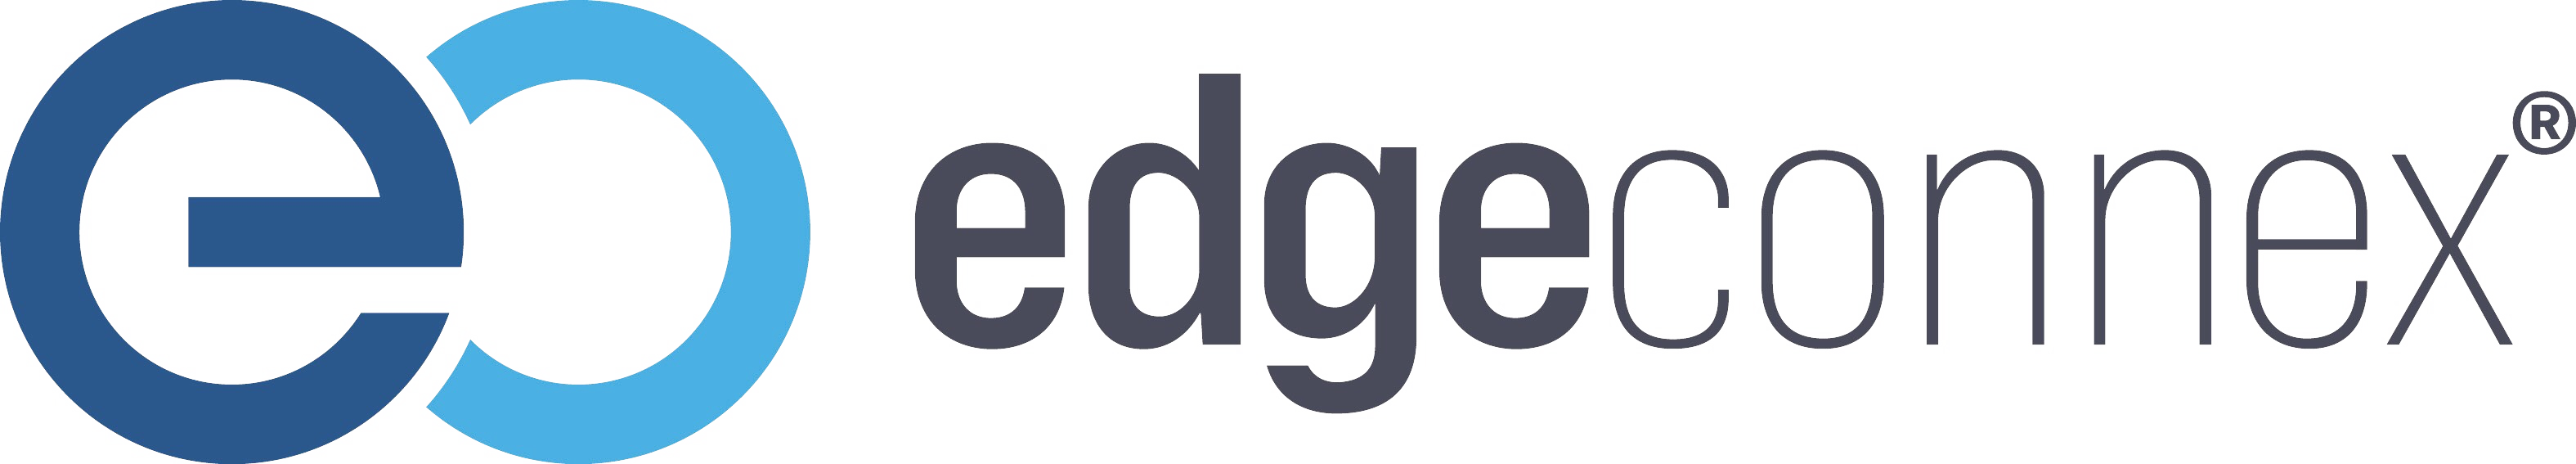 EdgeConneX